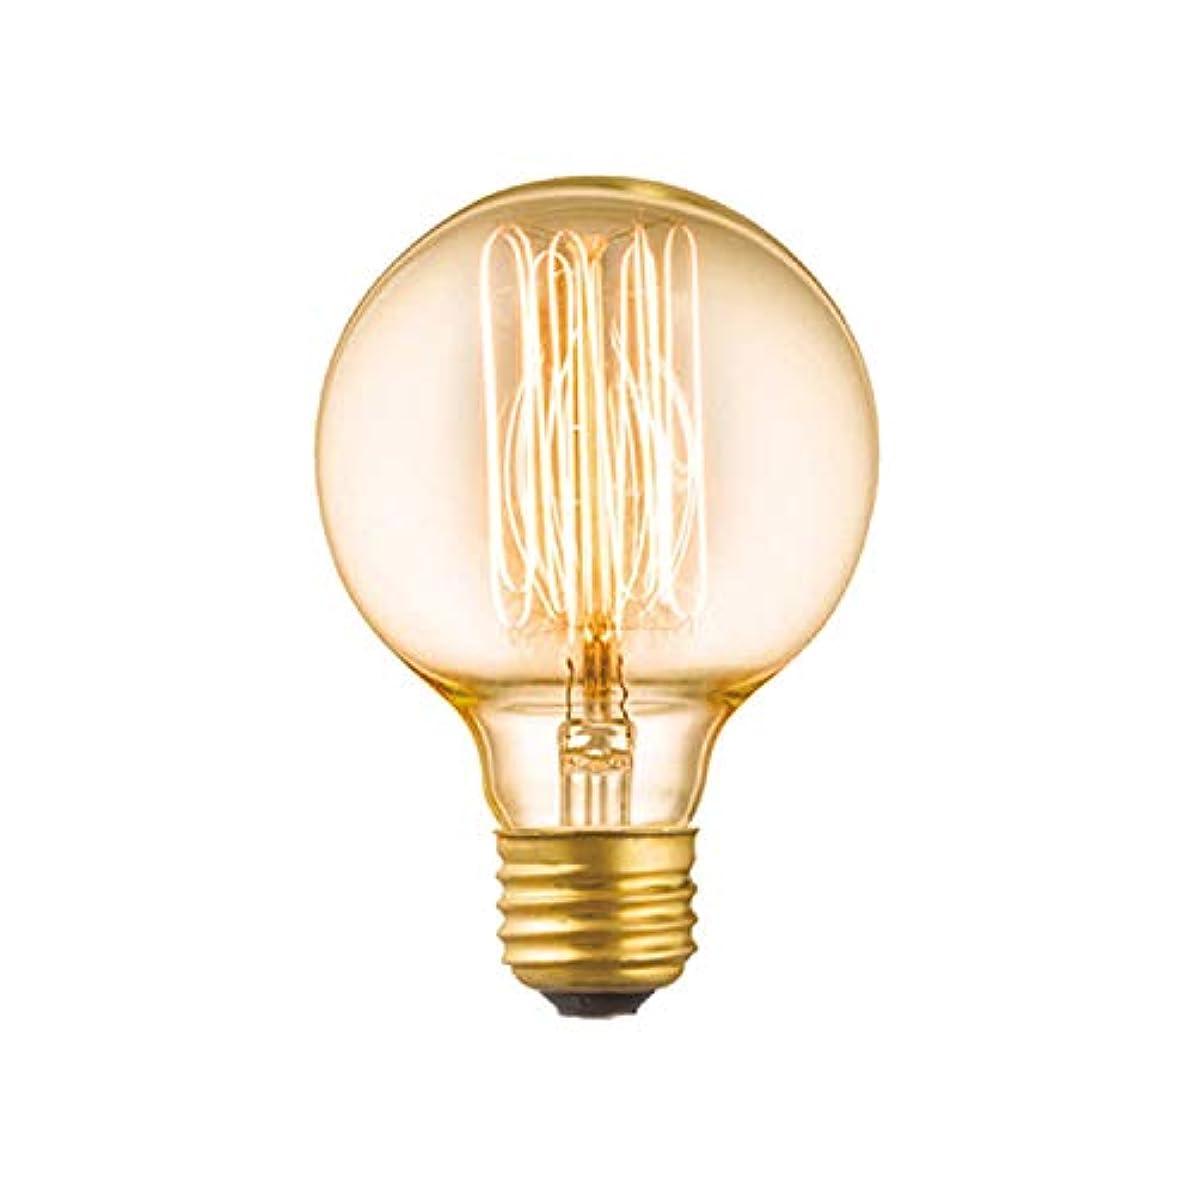 あたたかい徹底クリップART WORK STUDIO 白熱球 E26/60W G80 カーボン電球(クリア) BU1150